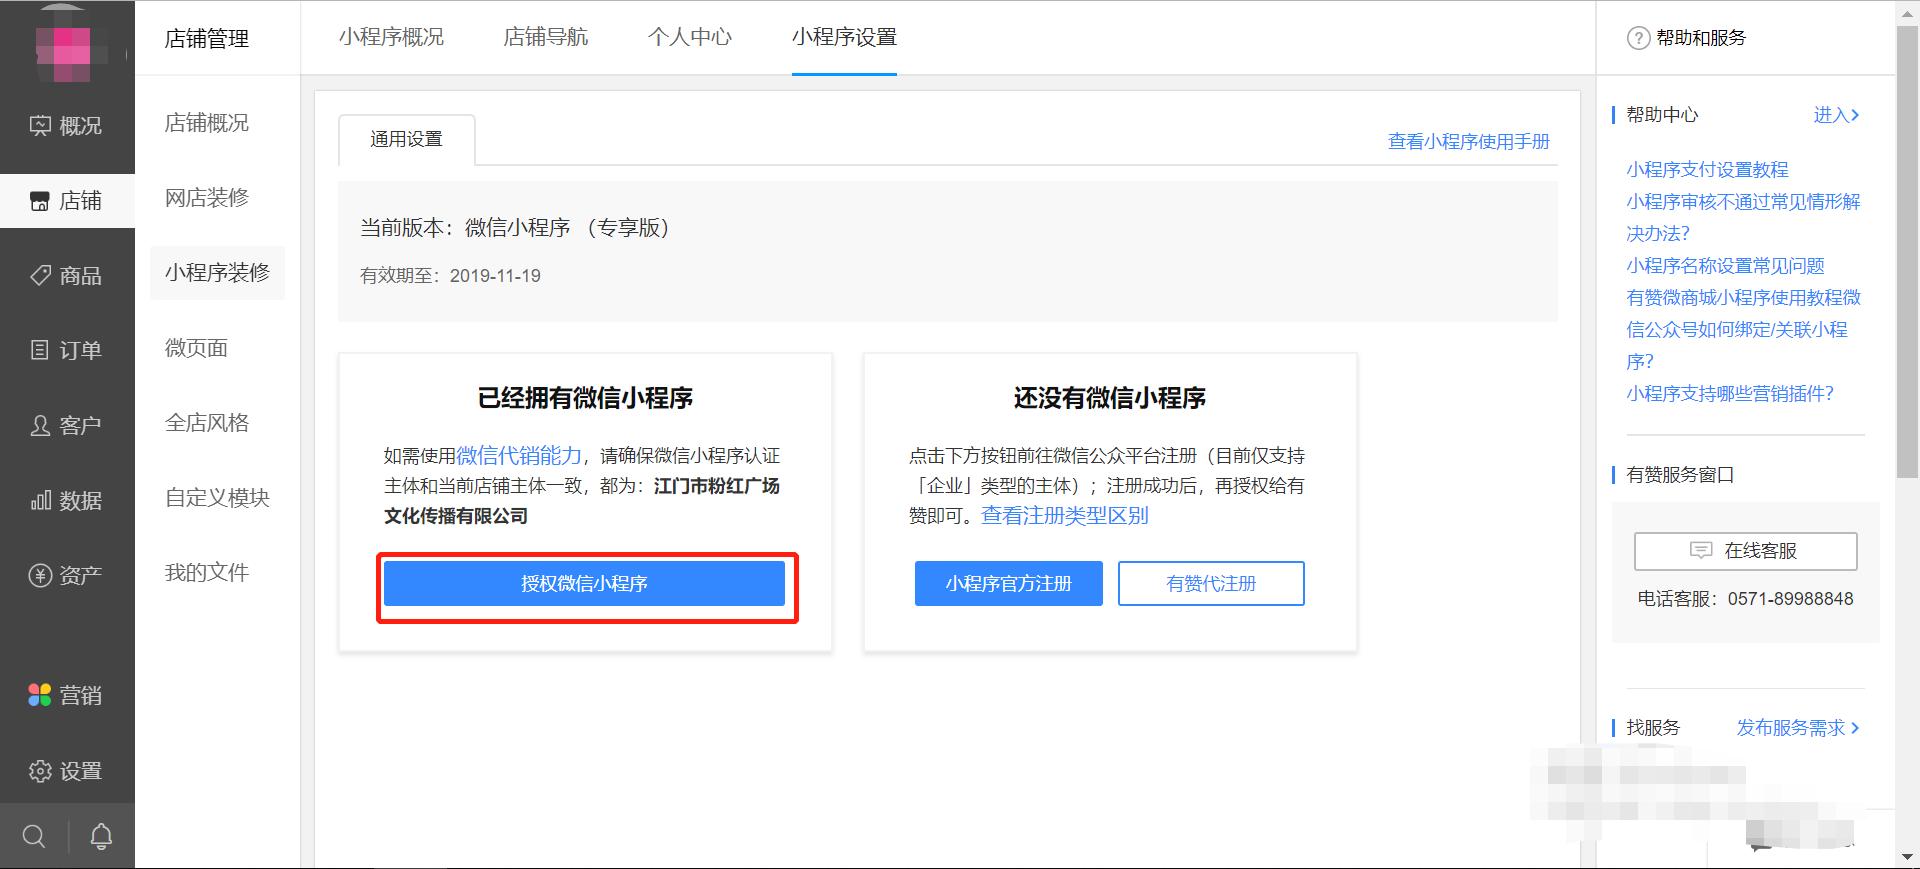 授权微信小程序(认证主体和店铺主体一致).jpg